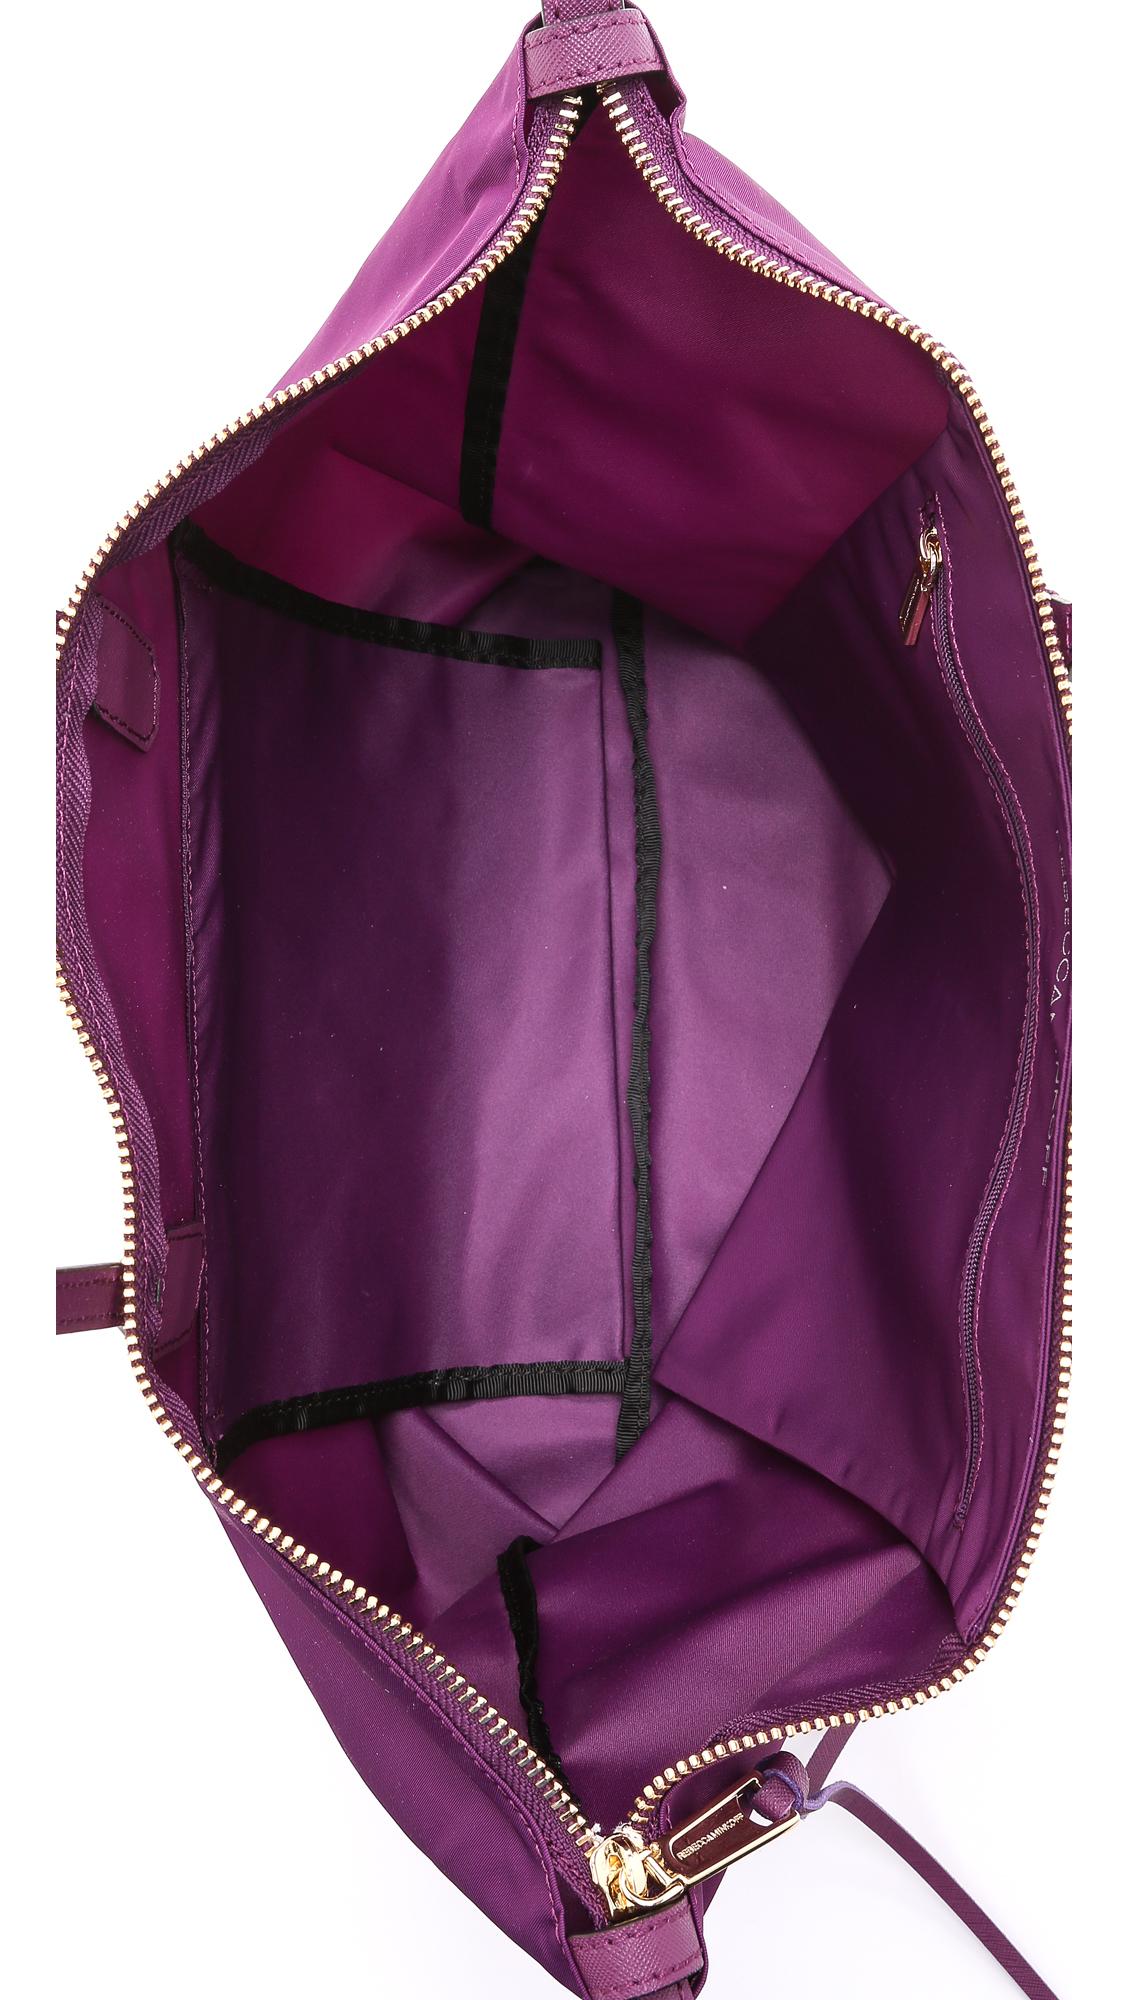 Rebecca Minkoff Nylon Mini Mab Tote - Taupe in Plum (Purple)